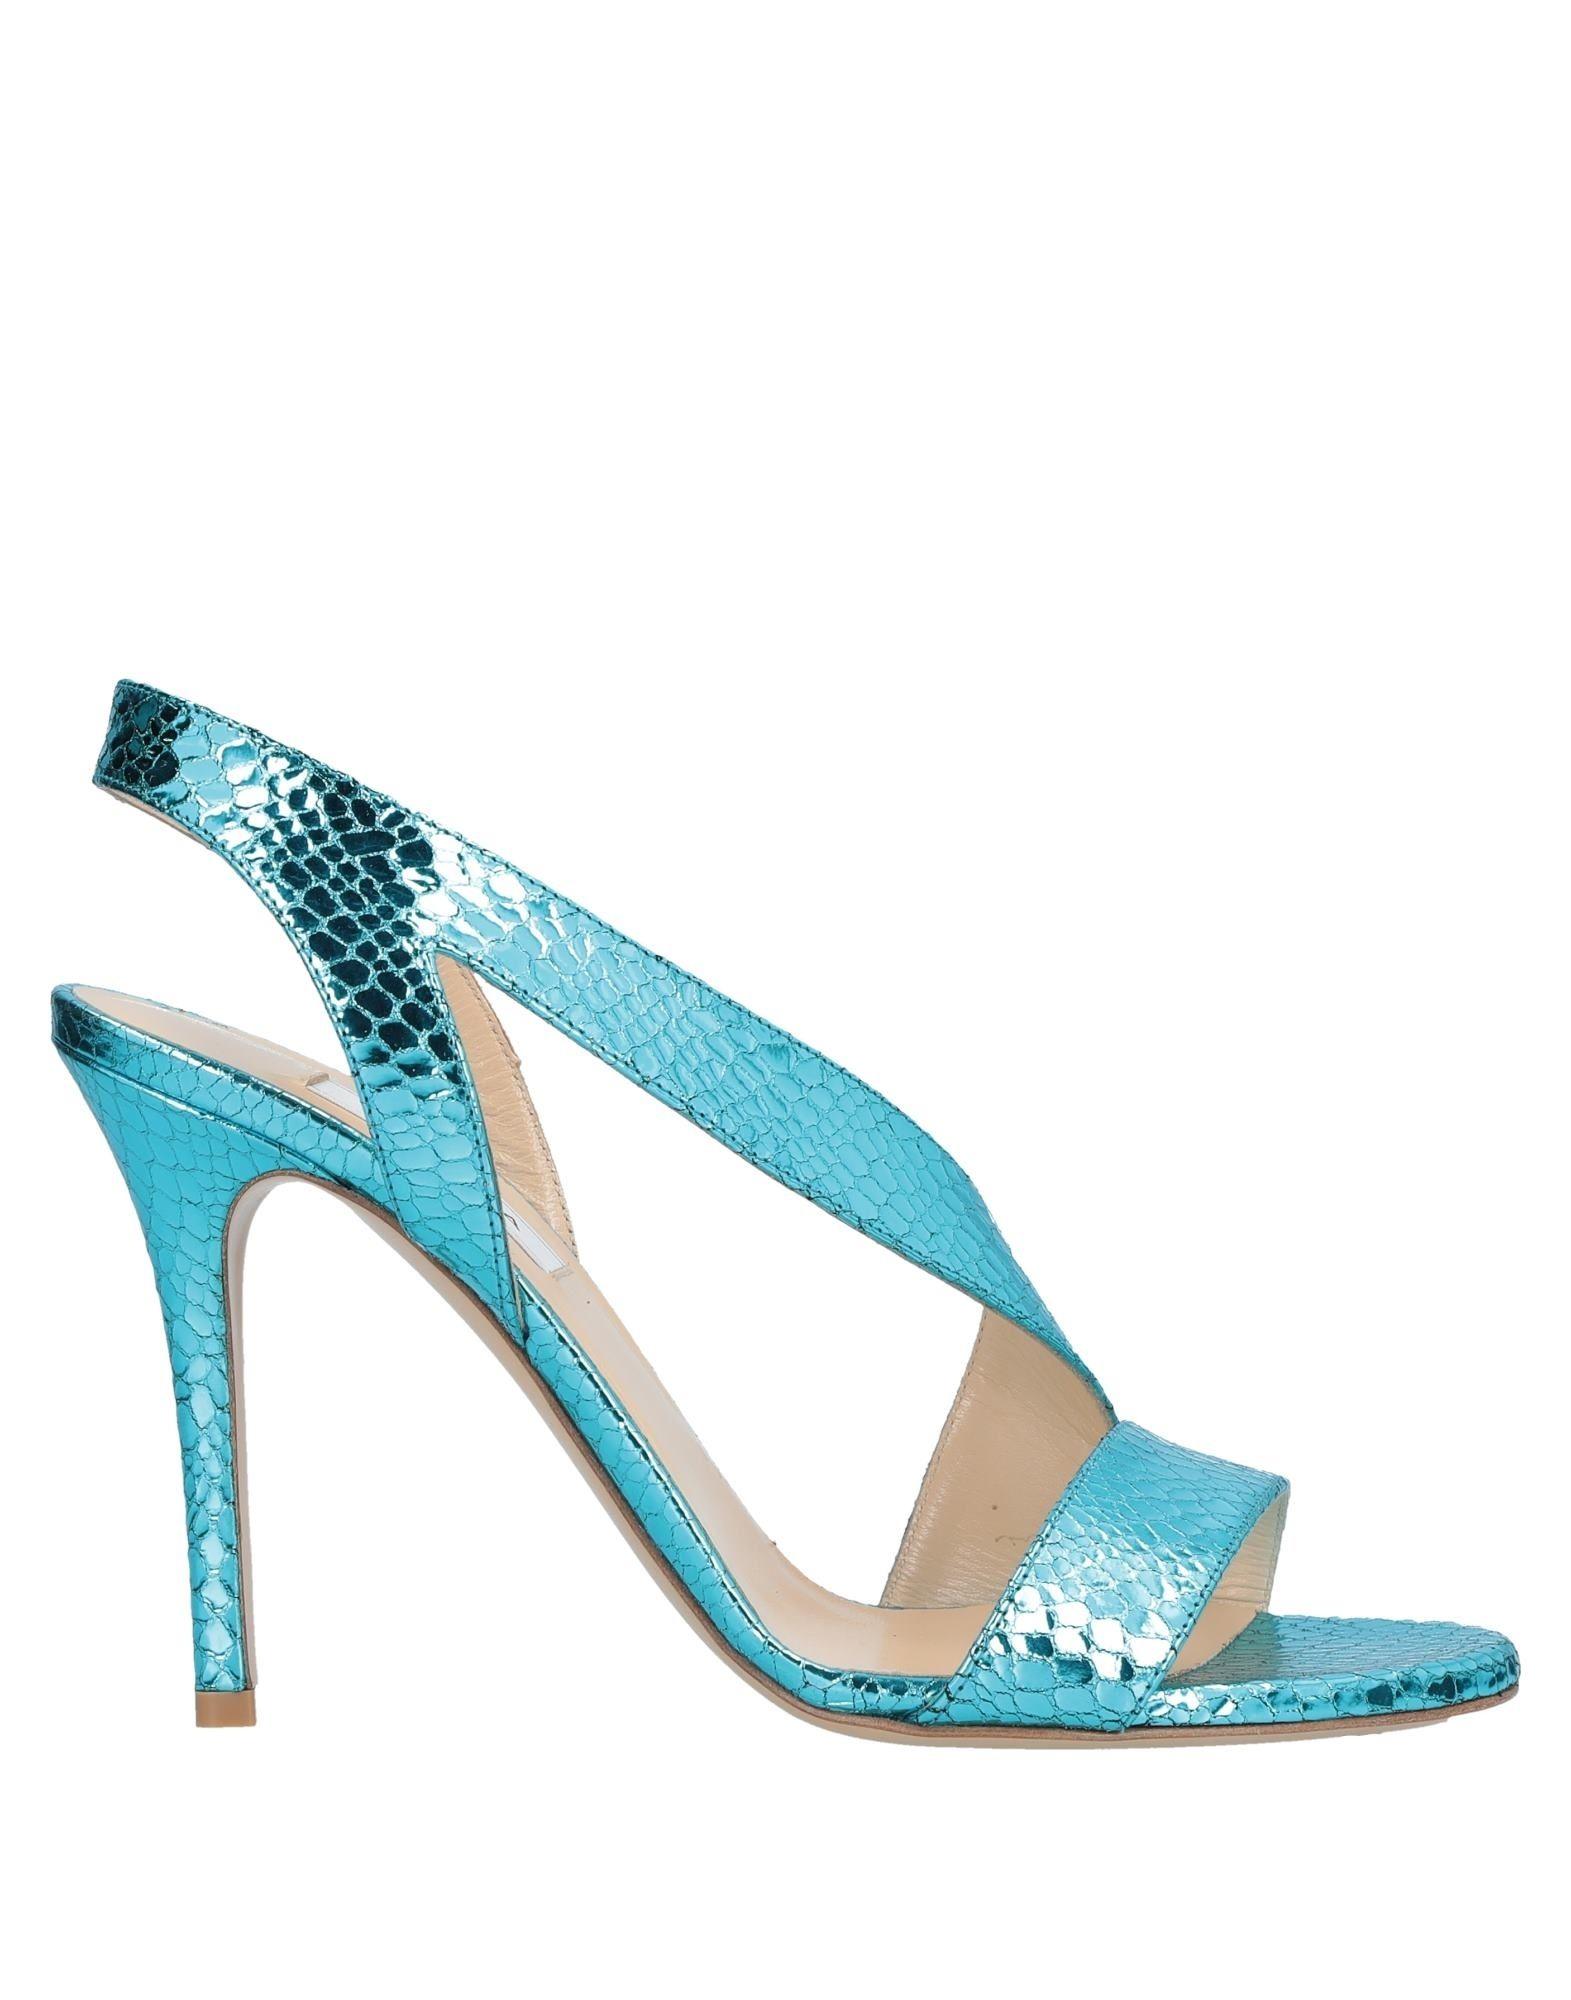 667b3a262b7d Semilla Sandals Sandals Sandals - Women Semilla Sandals online on United  Kingdom - 11534738VW f103fb